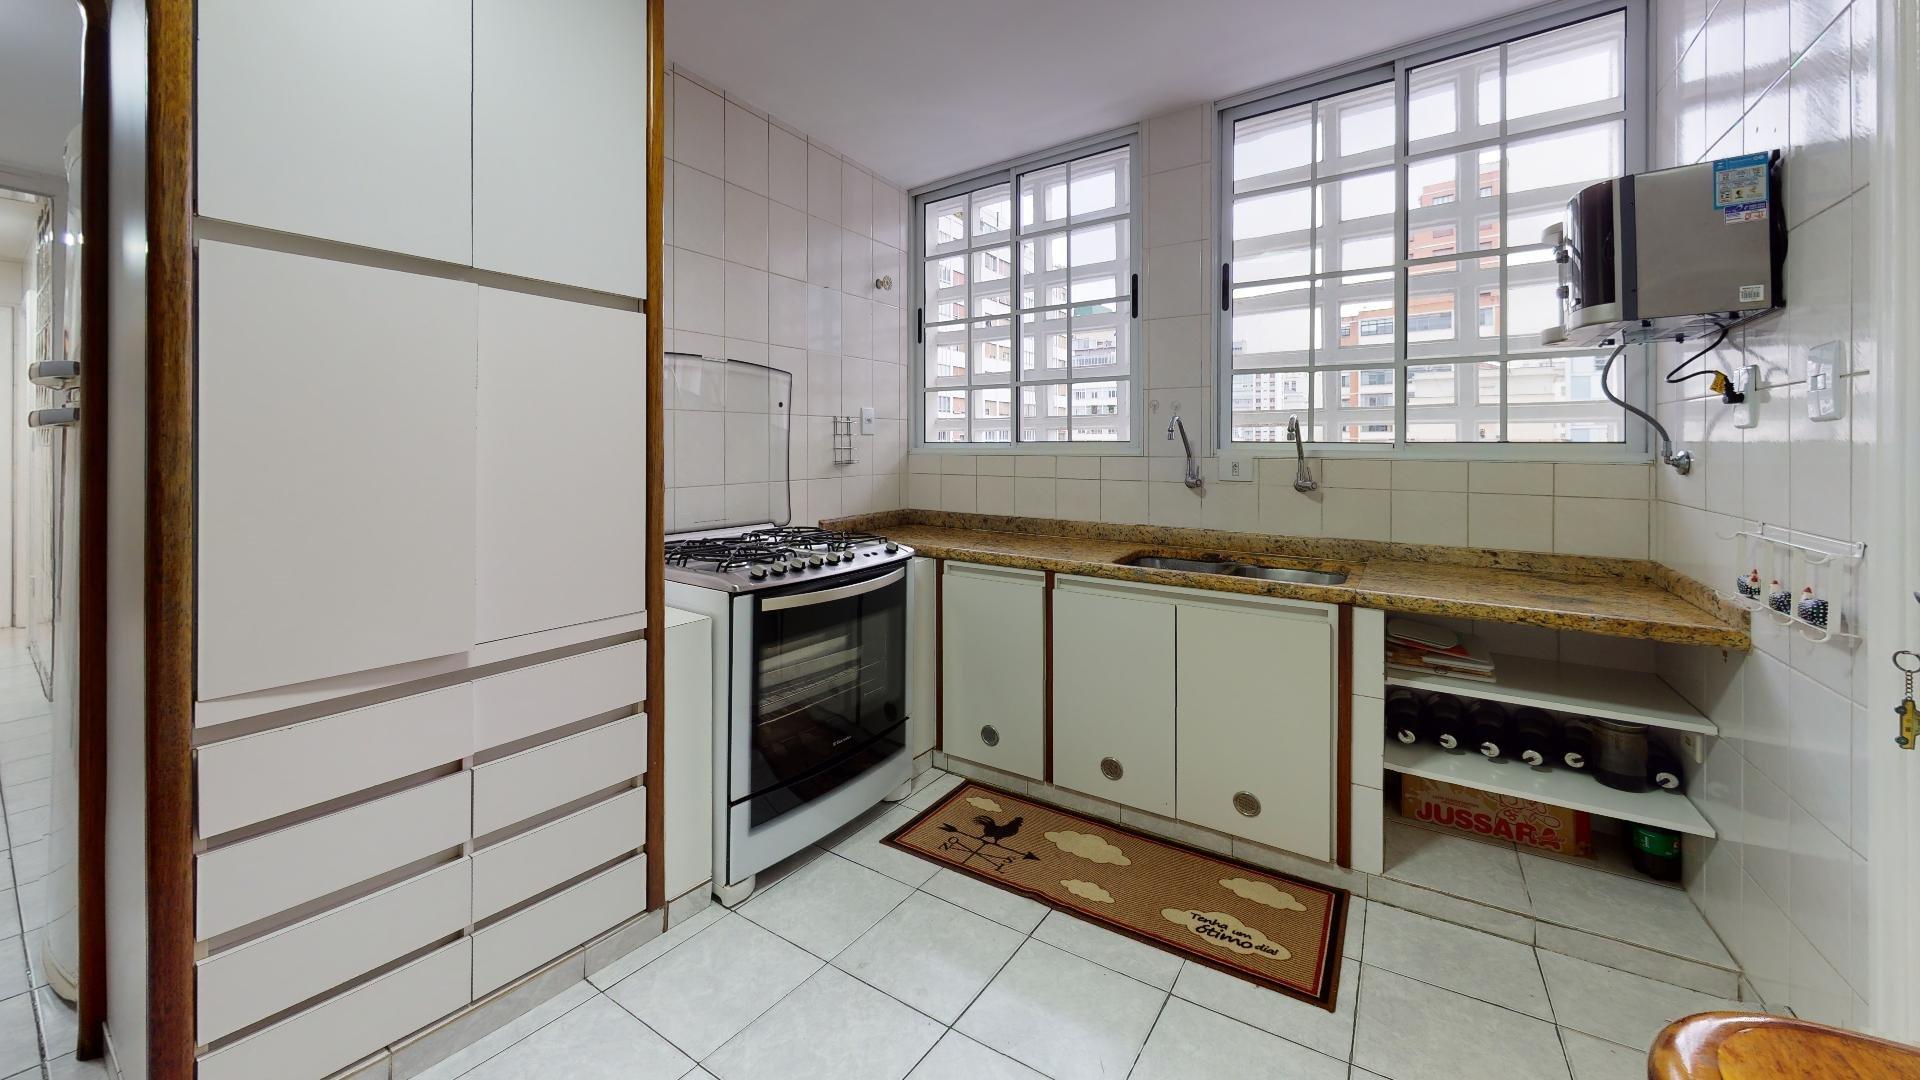 Foto de Cozinha com forno, televisão, pia